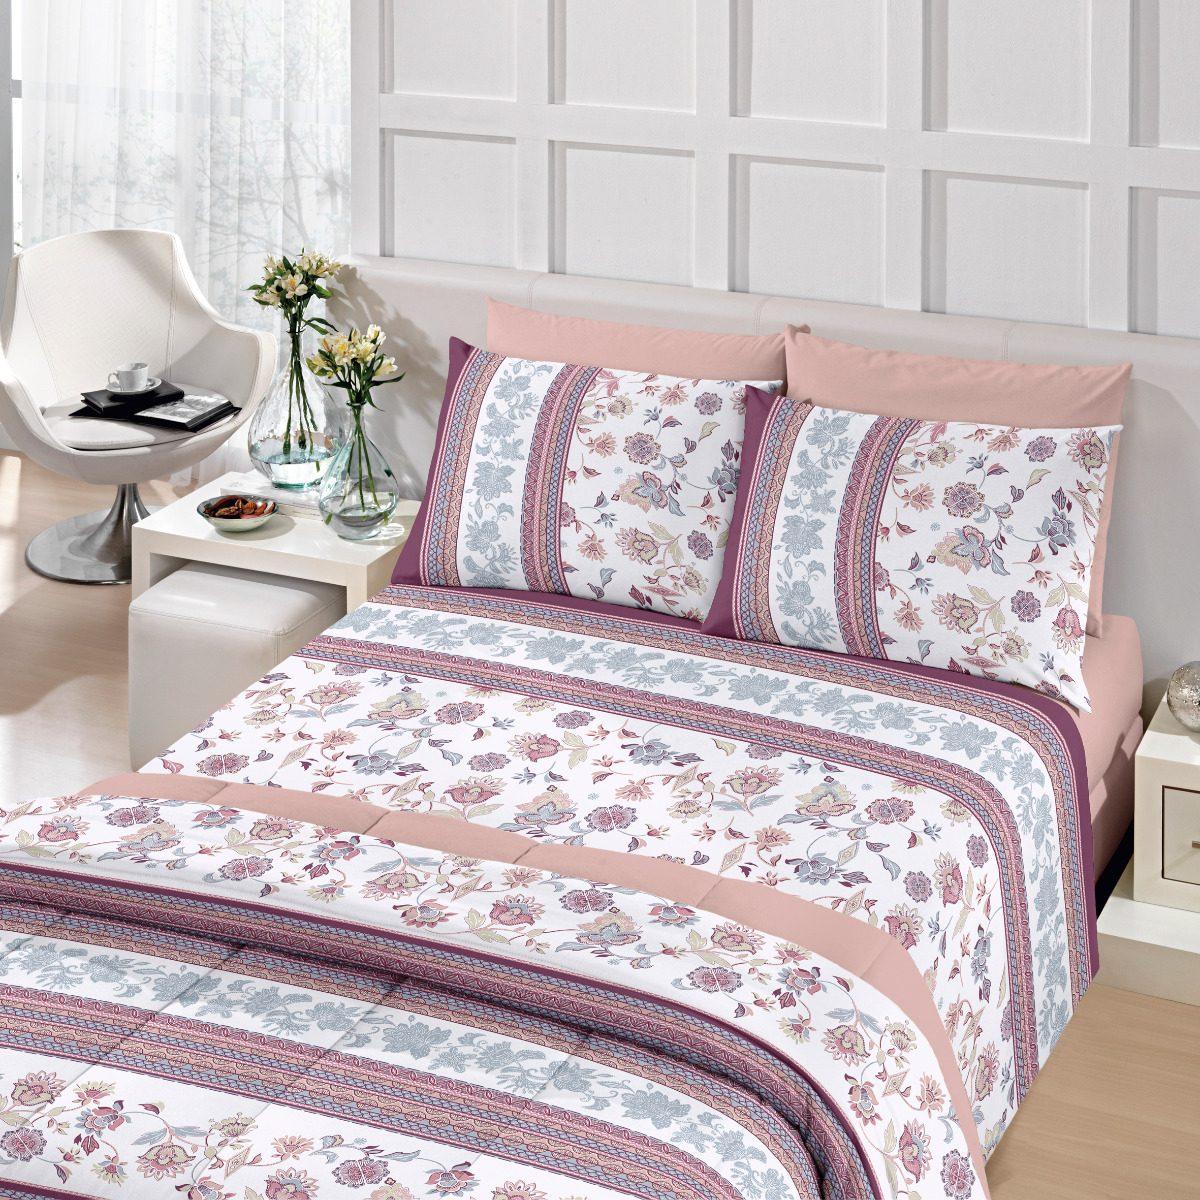 357e0dea61 jogo de lençol cama queen 4 peças 100%algodão royal santista. Carregando  zoom.